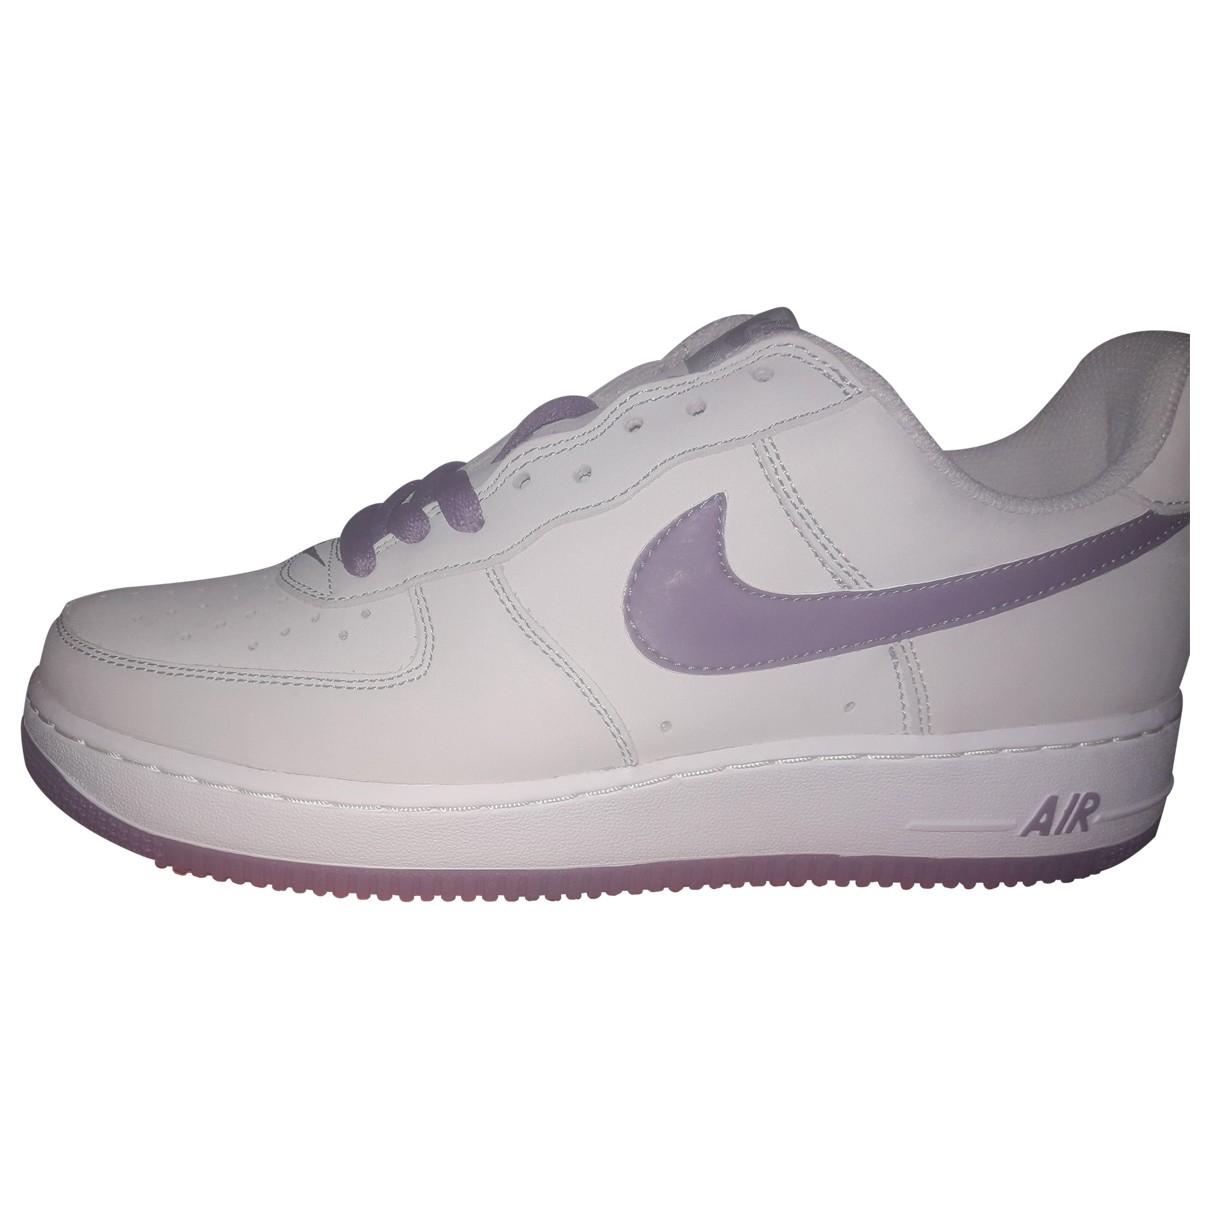 Nike - Baskets Air Force 1 pour homme en suede - violet